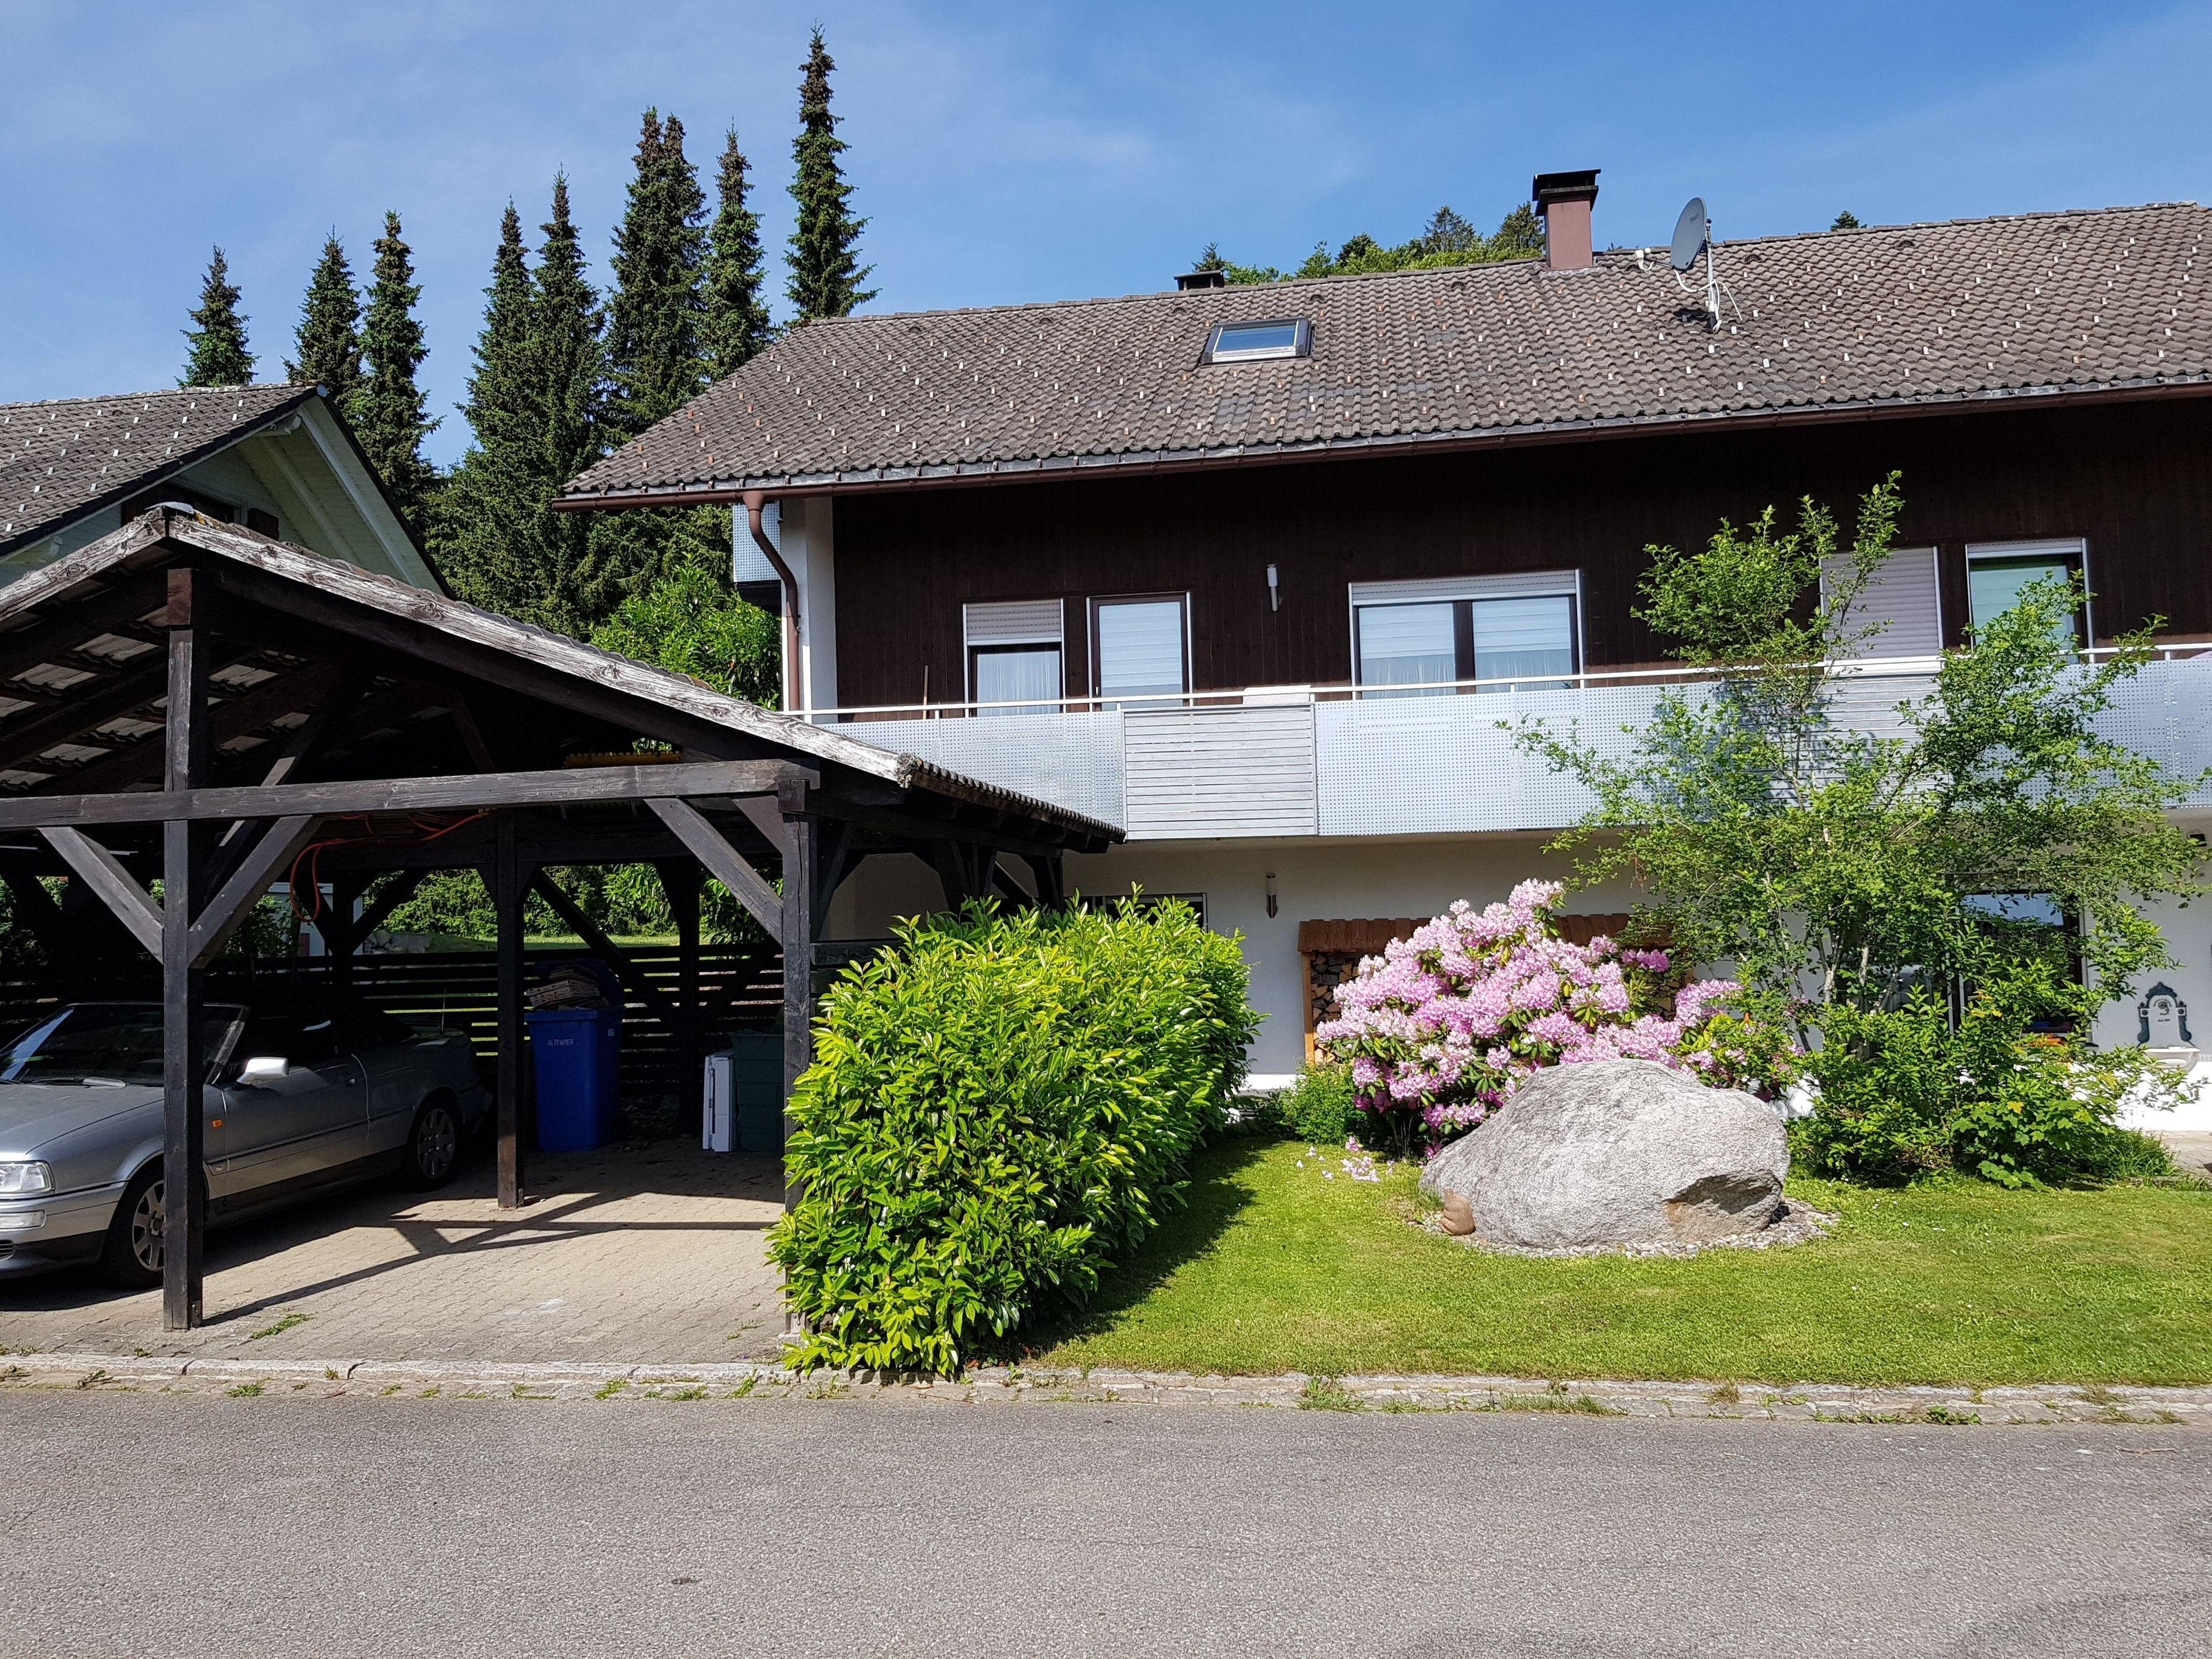 Ferienwohnung Jules Traum (2516857), Herrischried, Schwarzwald, Baden-Württemberg, Deutschland, Bild 2